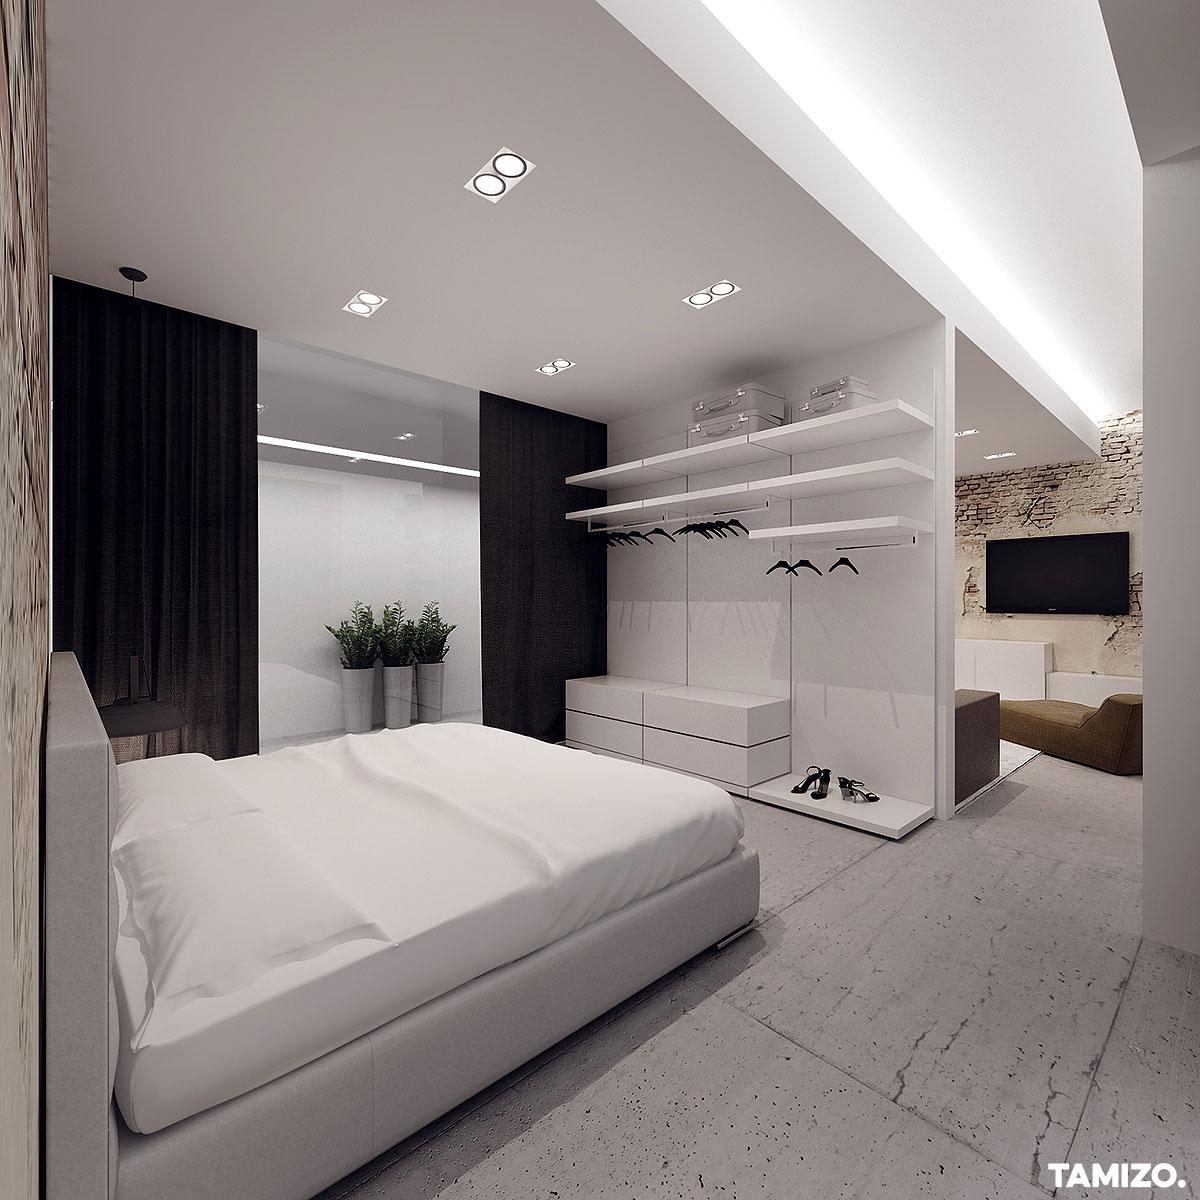 I049_tamizo_architekci_ekspozycja-salon-wnetrza-showroom-kler-projekt-konkursowy-08